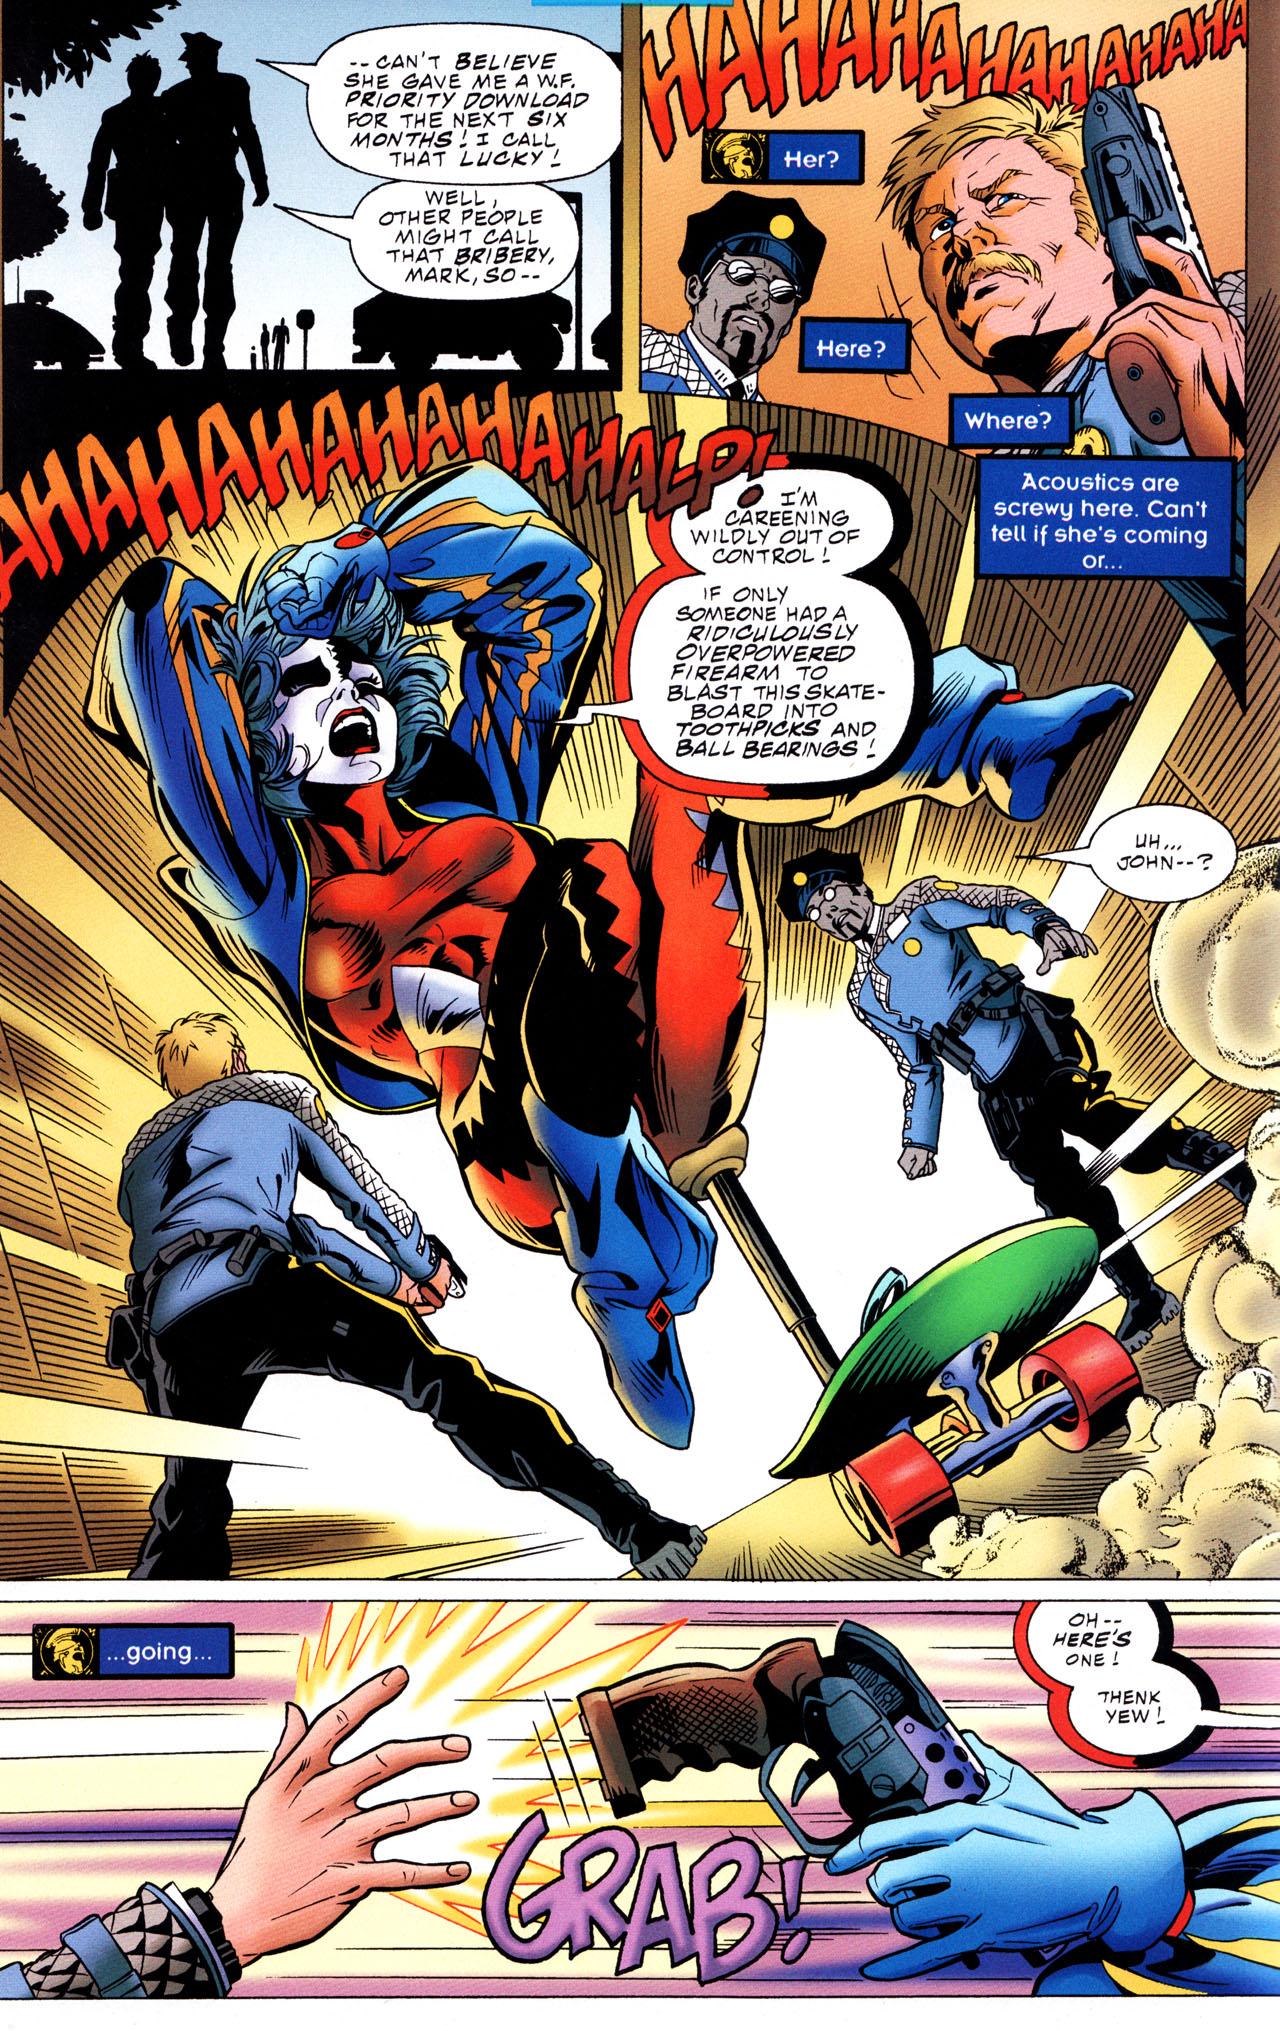 Read online Tangent Comics/ The Joker comic -  Issue # Full - 13